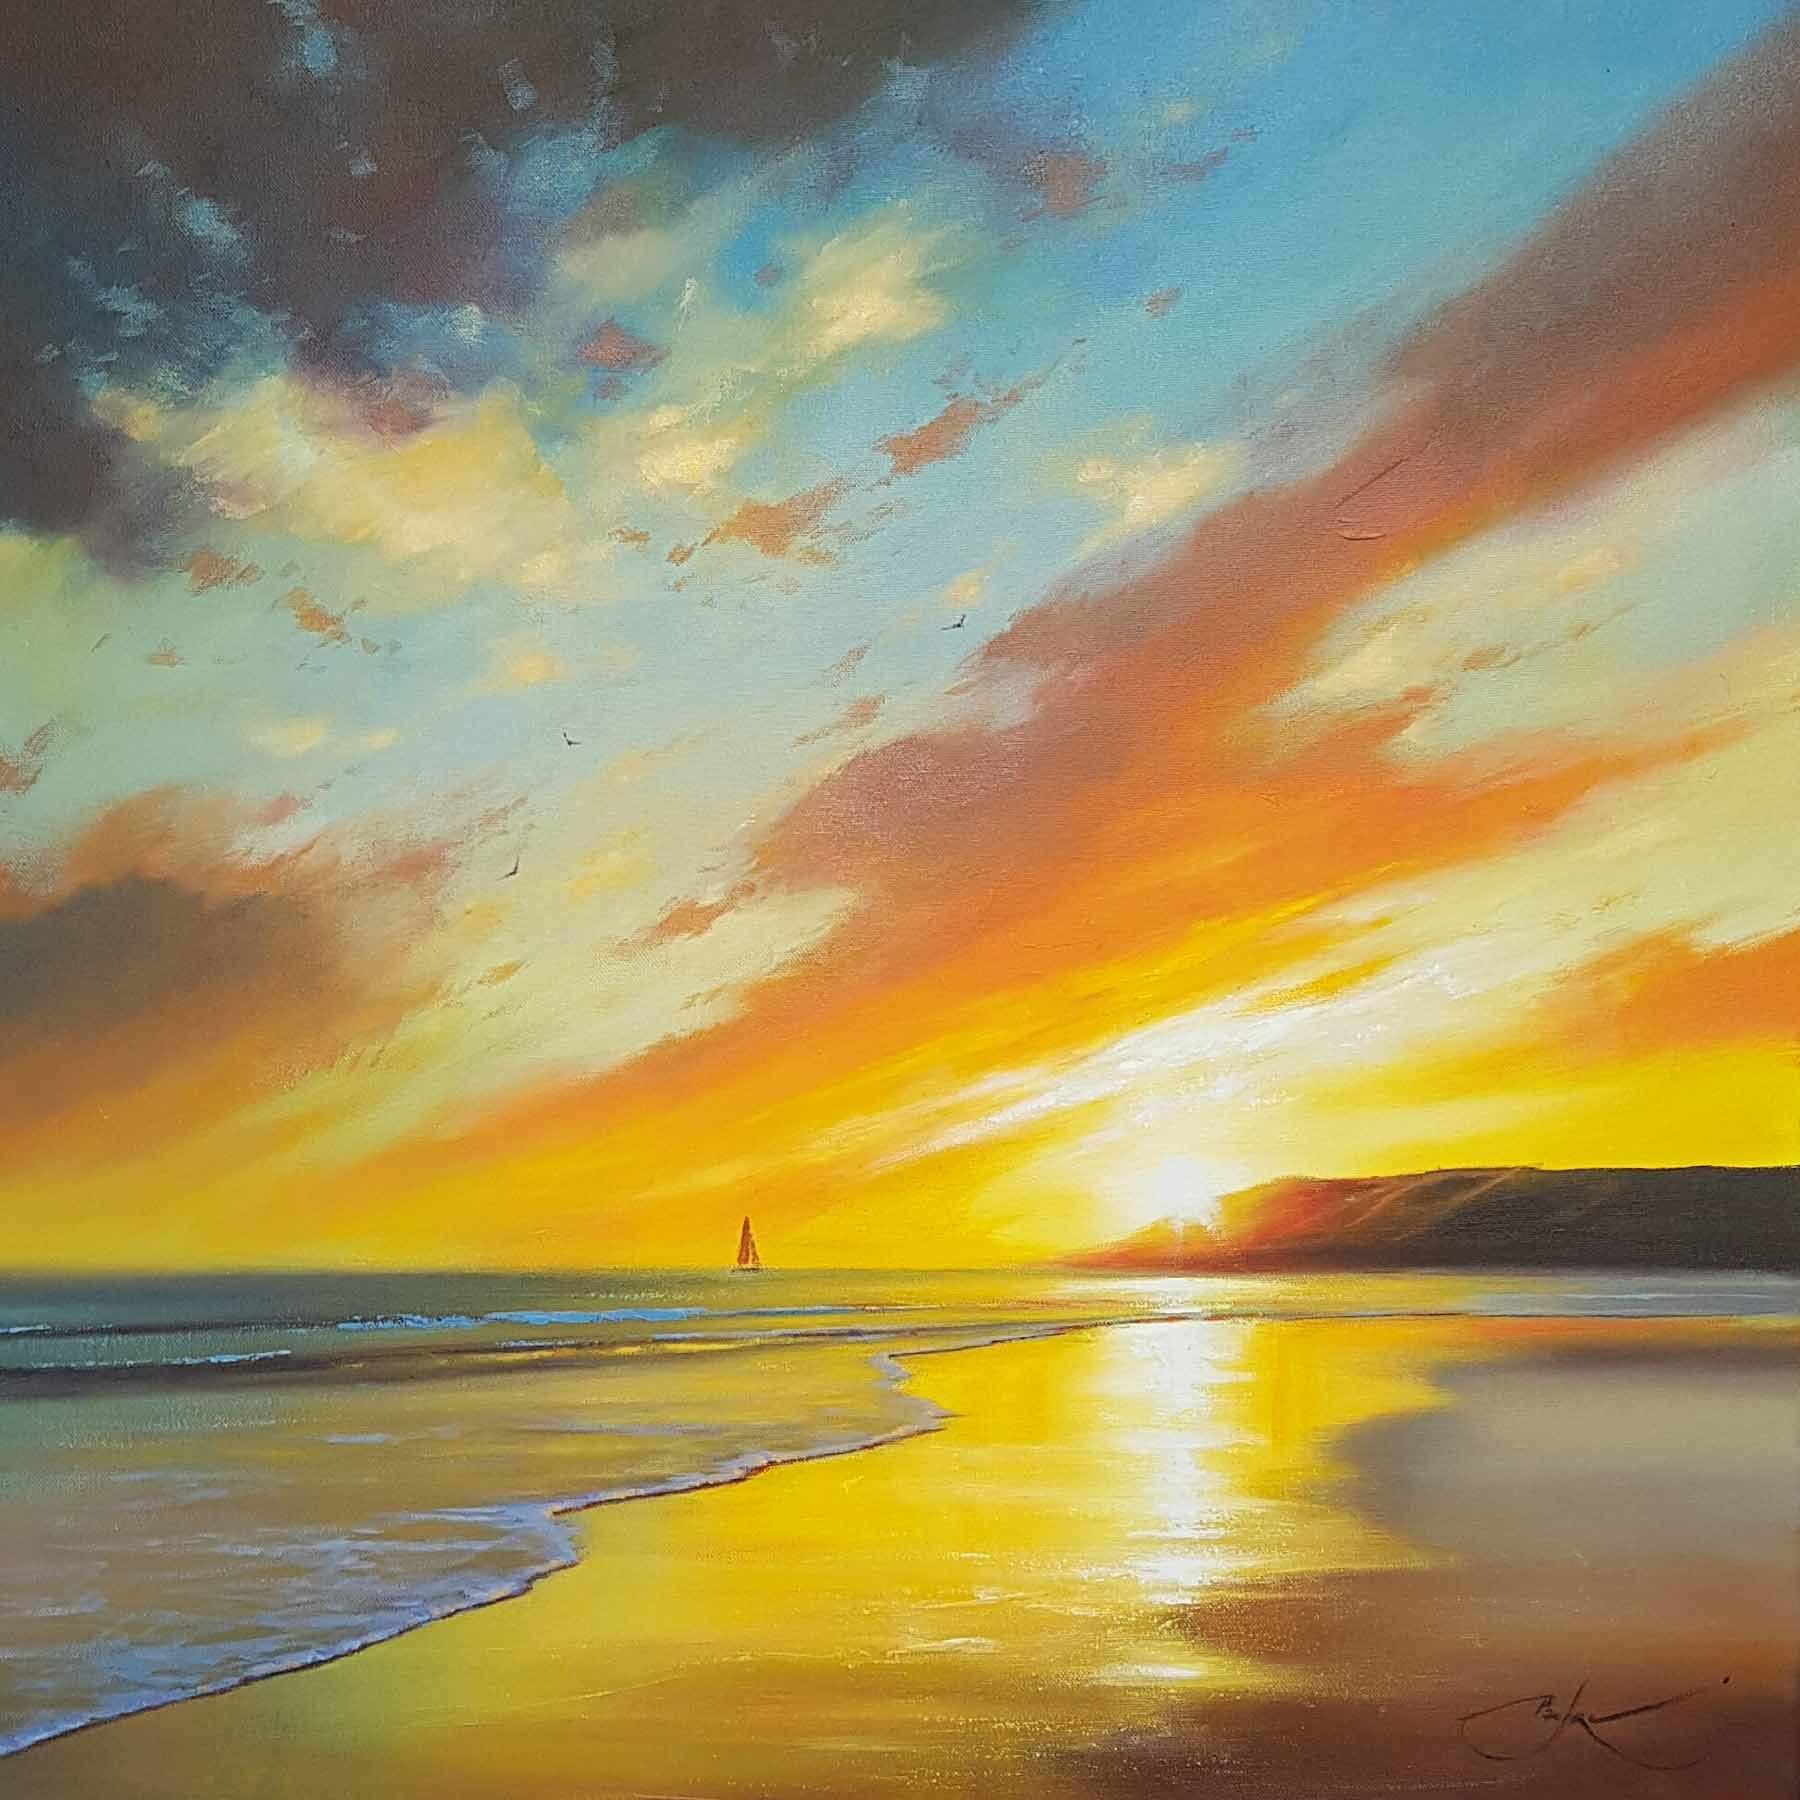 Evening Stroll, Ben Payne